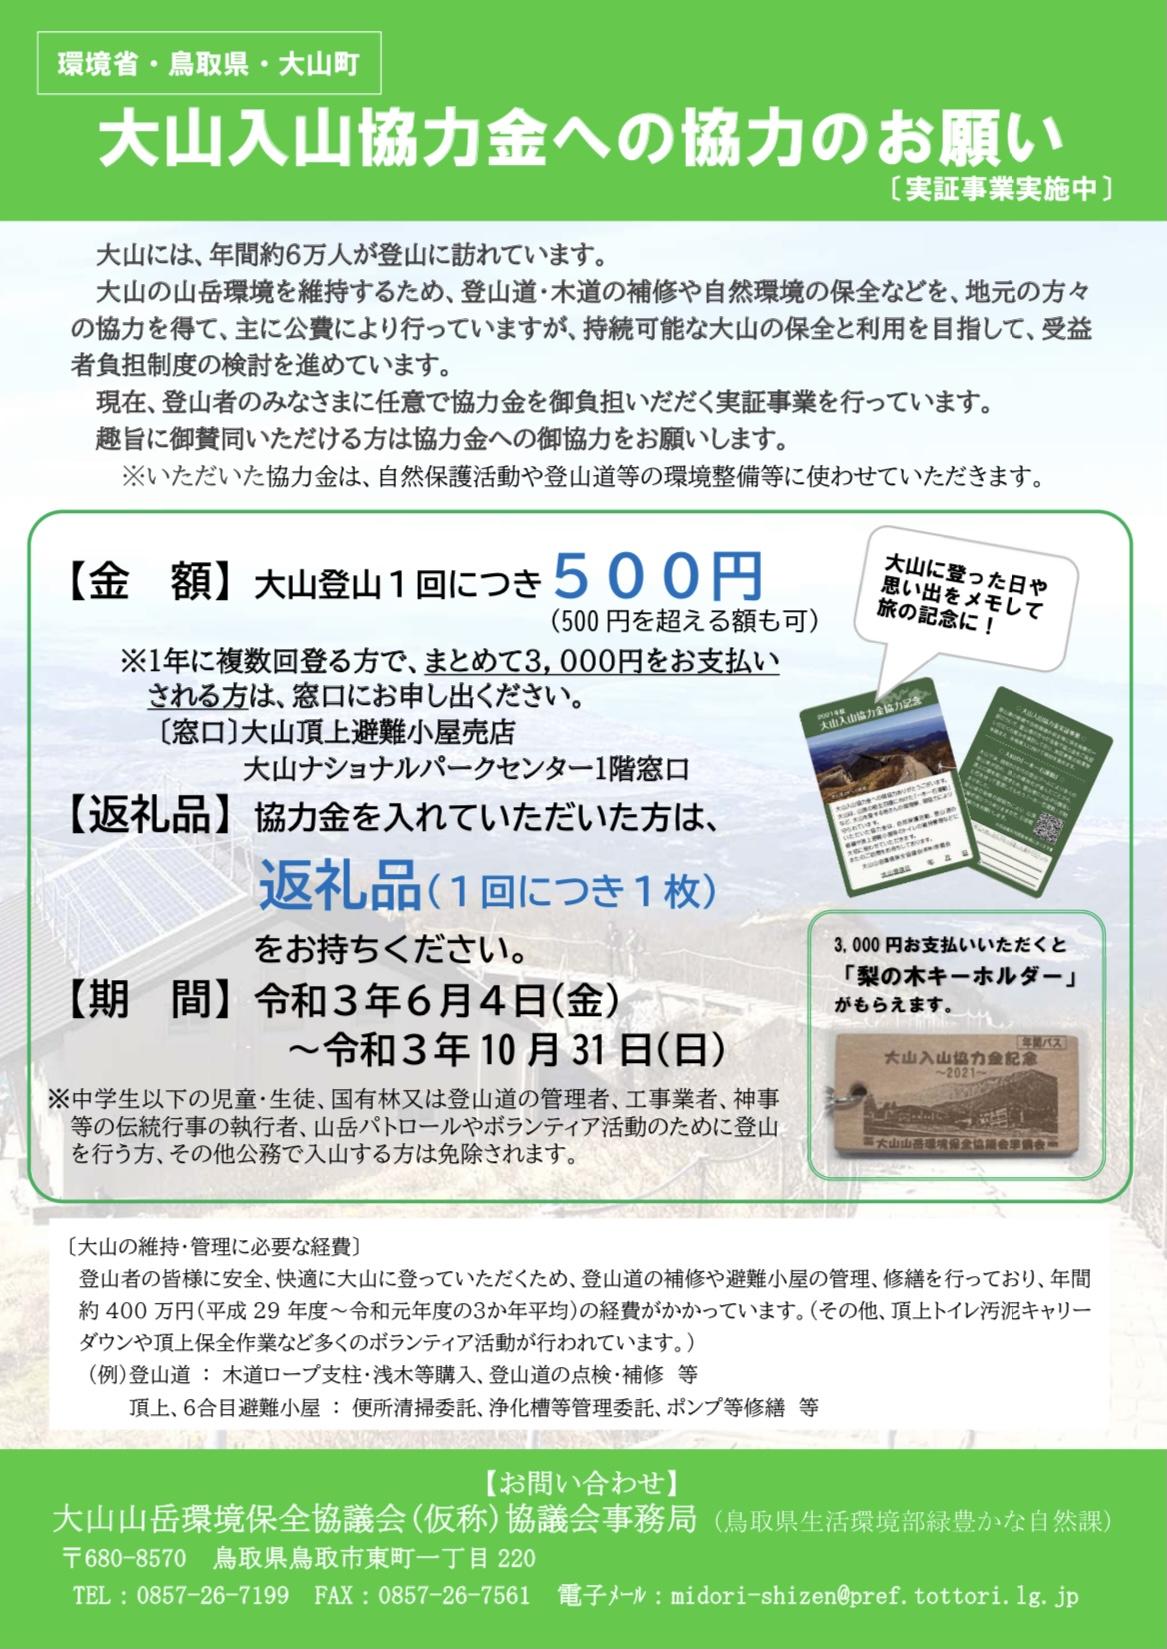 大山入山協力金実証事業について